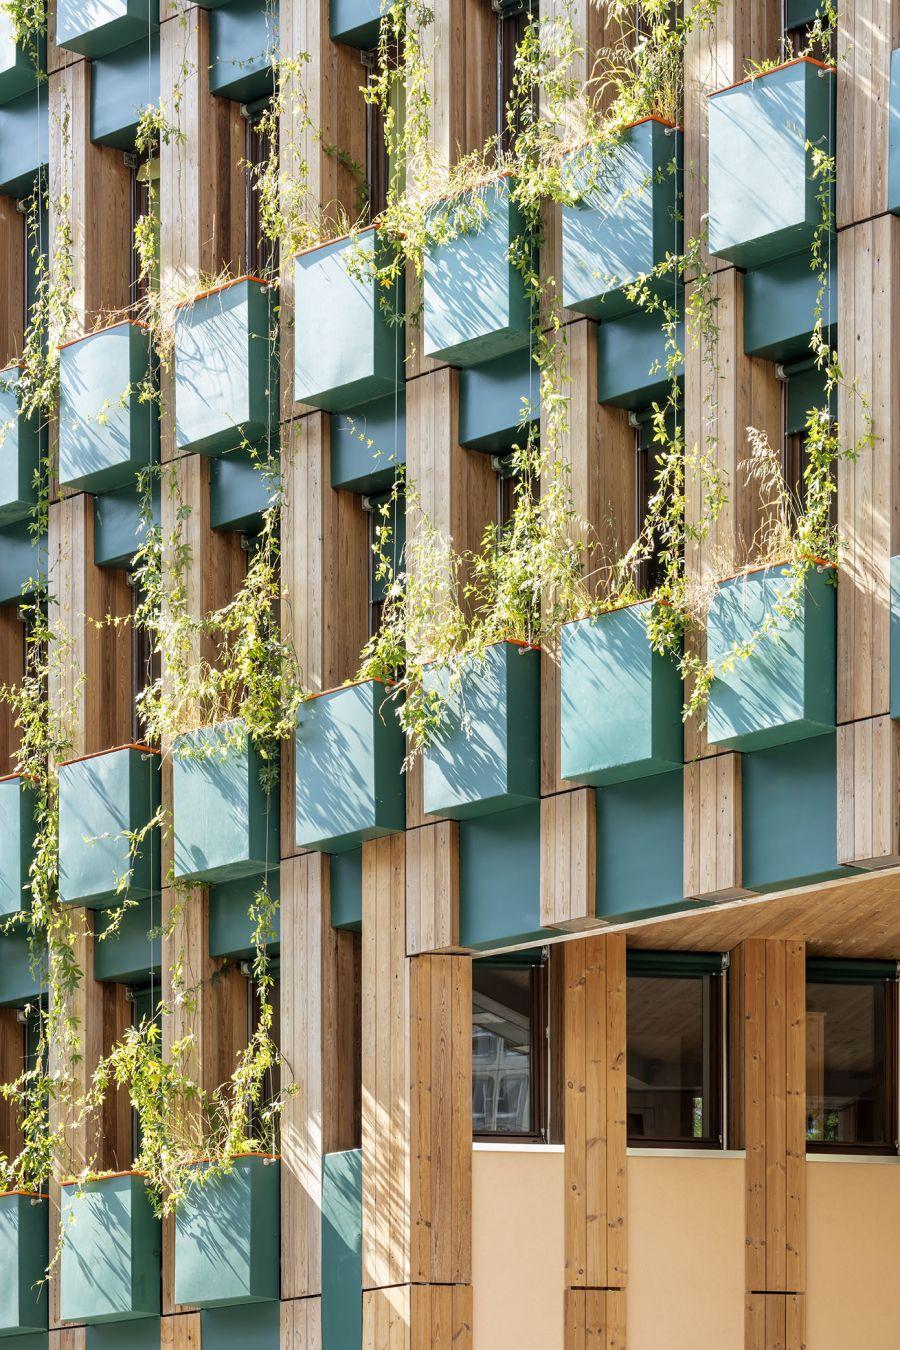 Edison Lite Paris 13 - Arch. Manuelle Gautrand Architecture © Luc Boegly